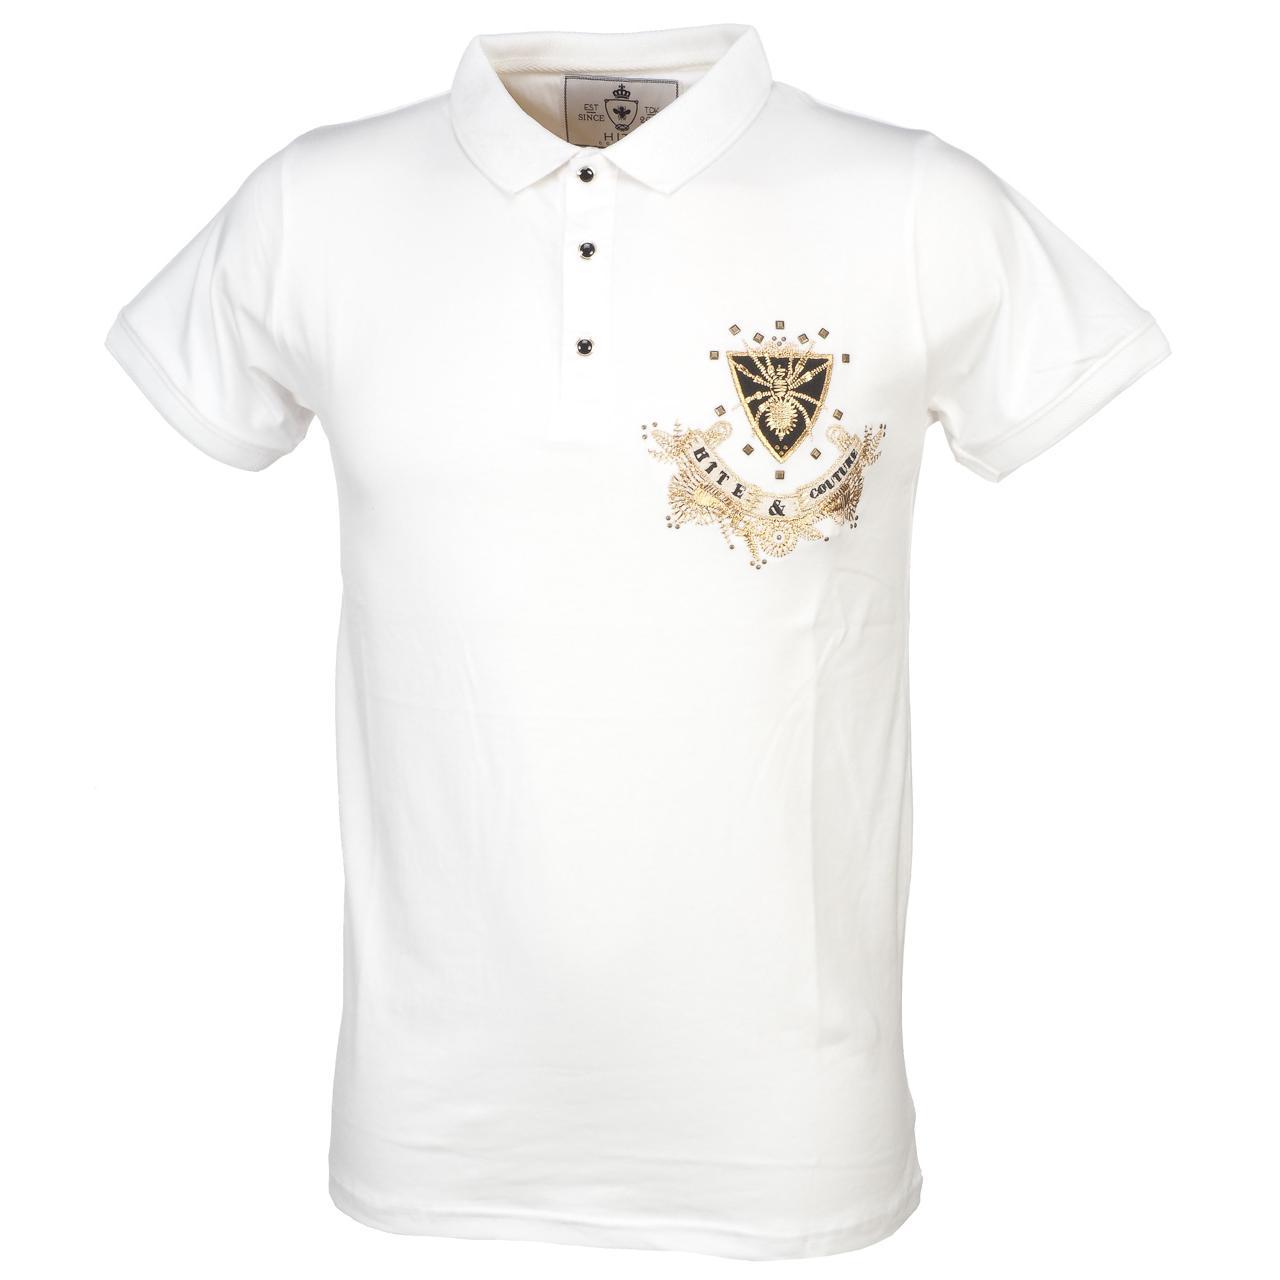 Short-Sleeve-Polo-Hite-Couture-Pamiler-White-Mc-Polo-White-11569-New